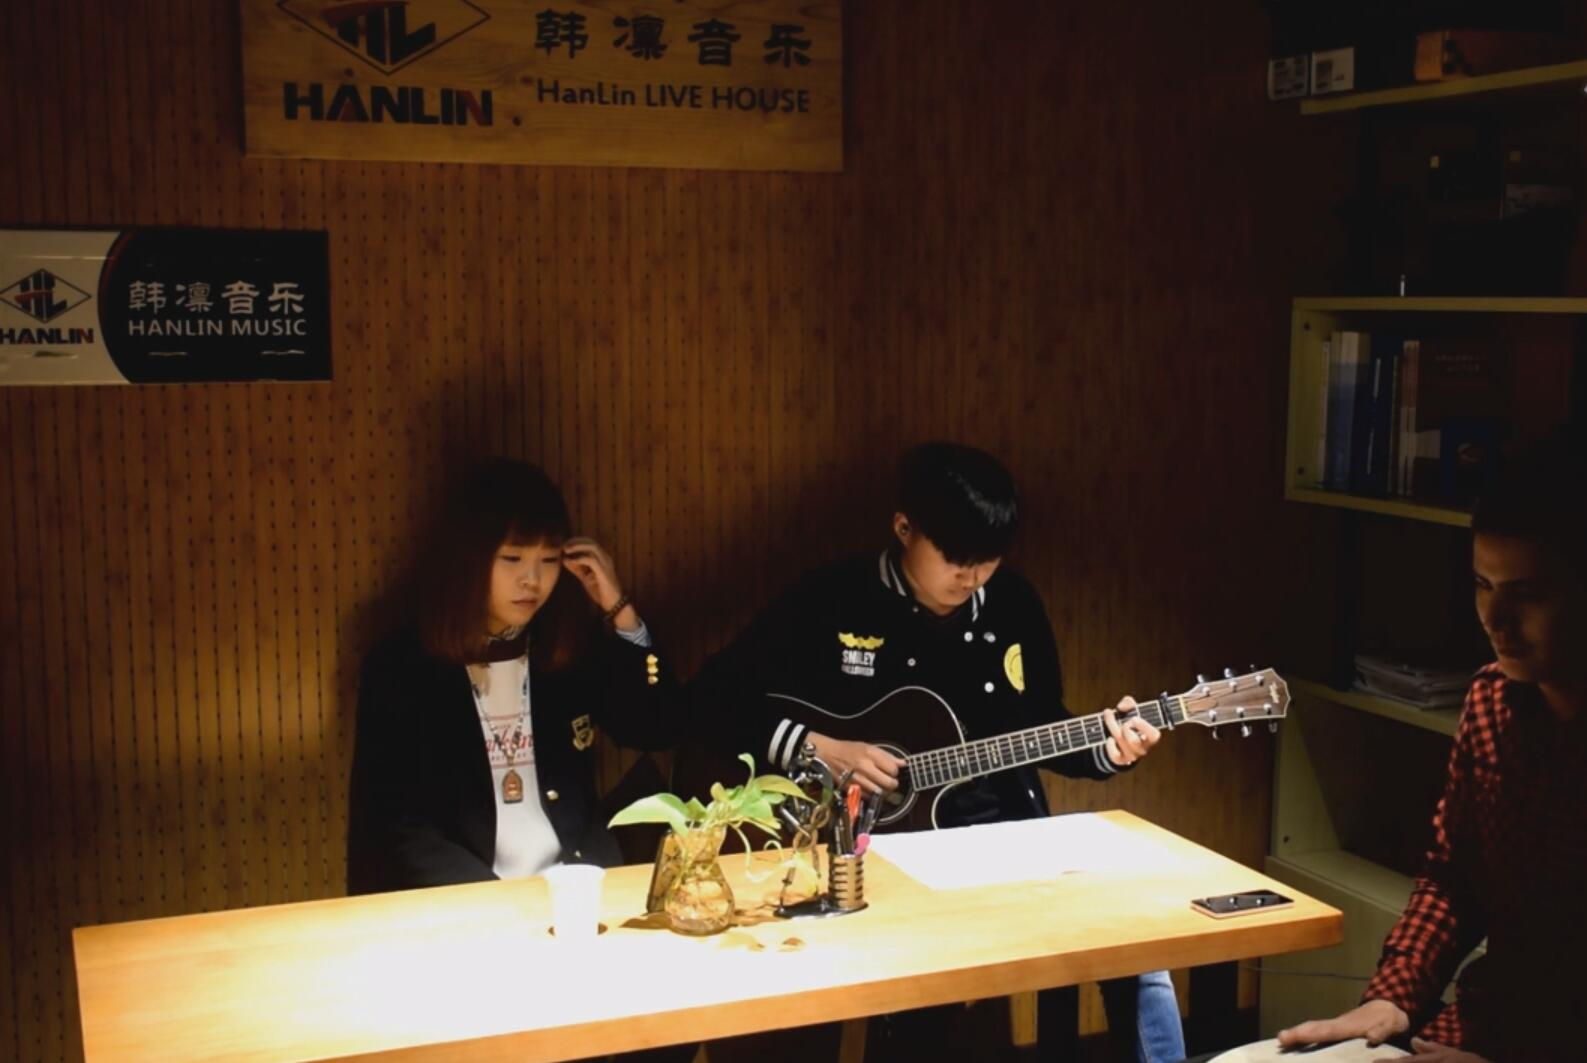 安河桥 吉他弹唱 韩凛音乐工作室 王晓宇演唱